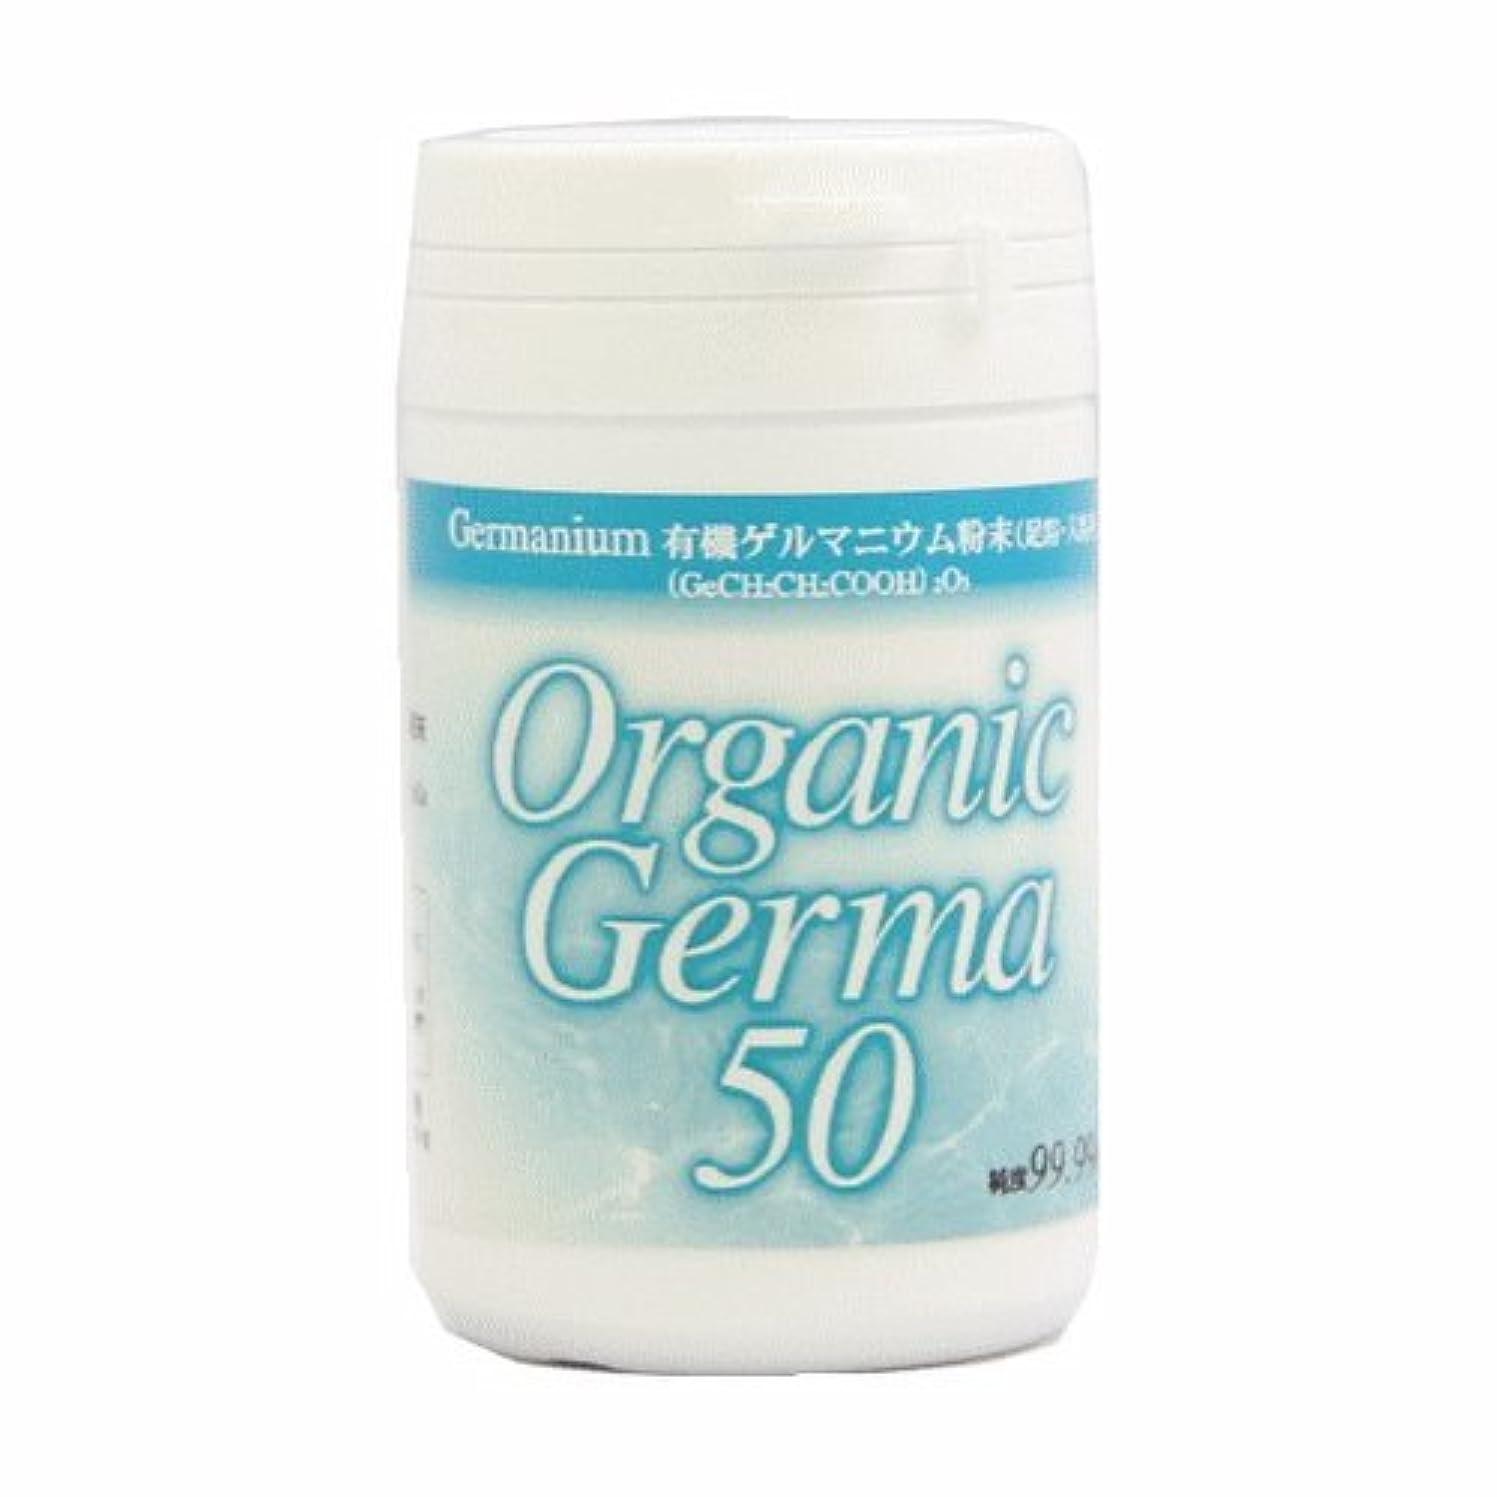 修復船尾ポインタ【有機 ゲルマニウム 粉末 50g (Ge-132) 99.99% 温浴用】 ゲルマ パウダー